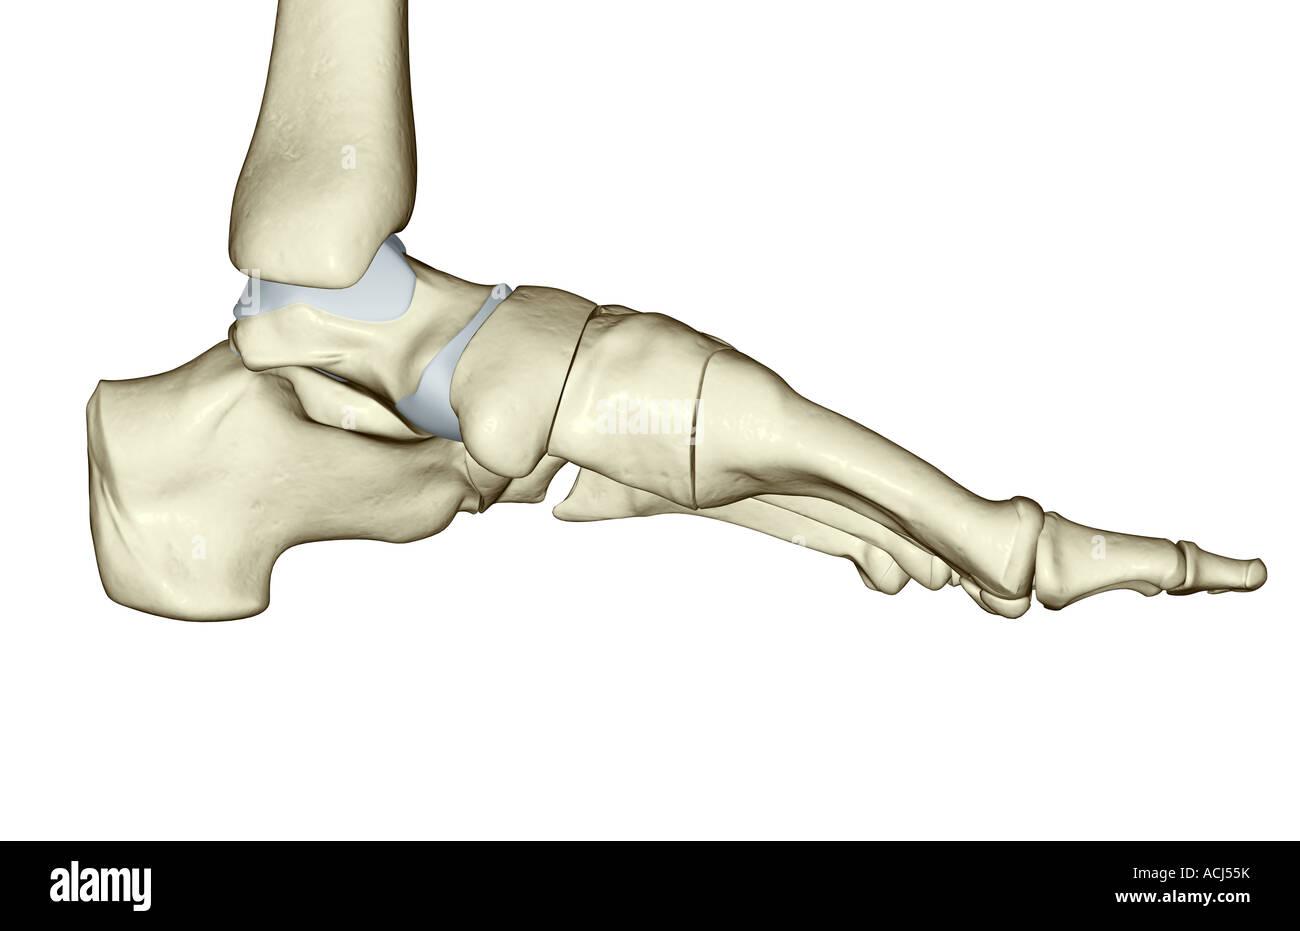 Die Knochen des Fußes Stockfoto, Bild: 13166670 - Alamy